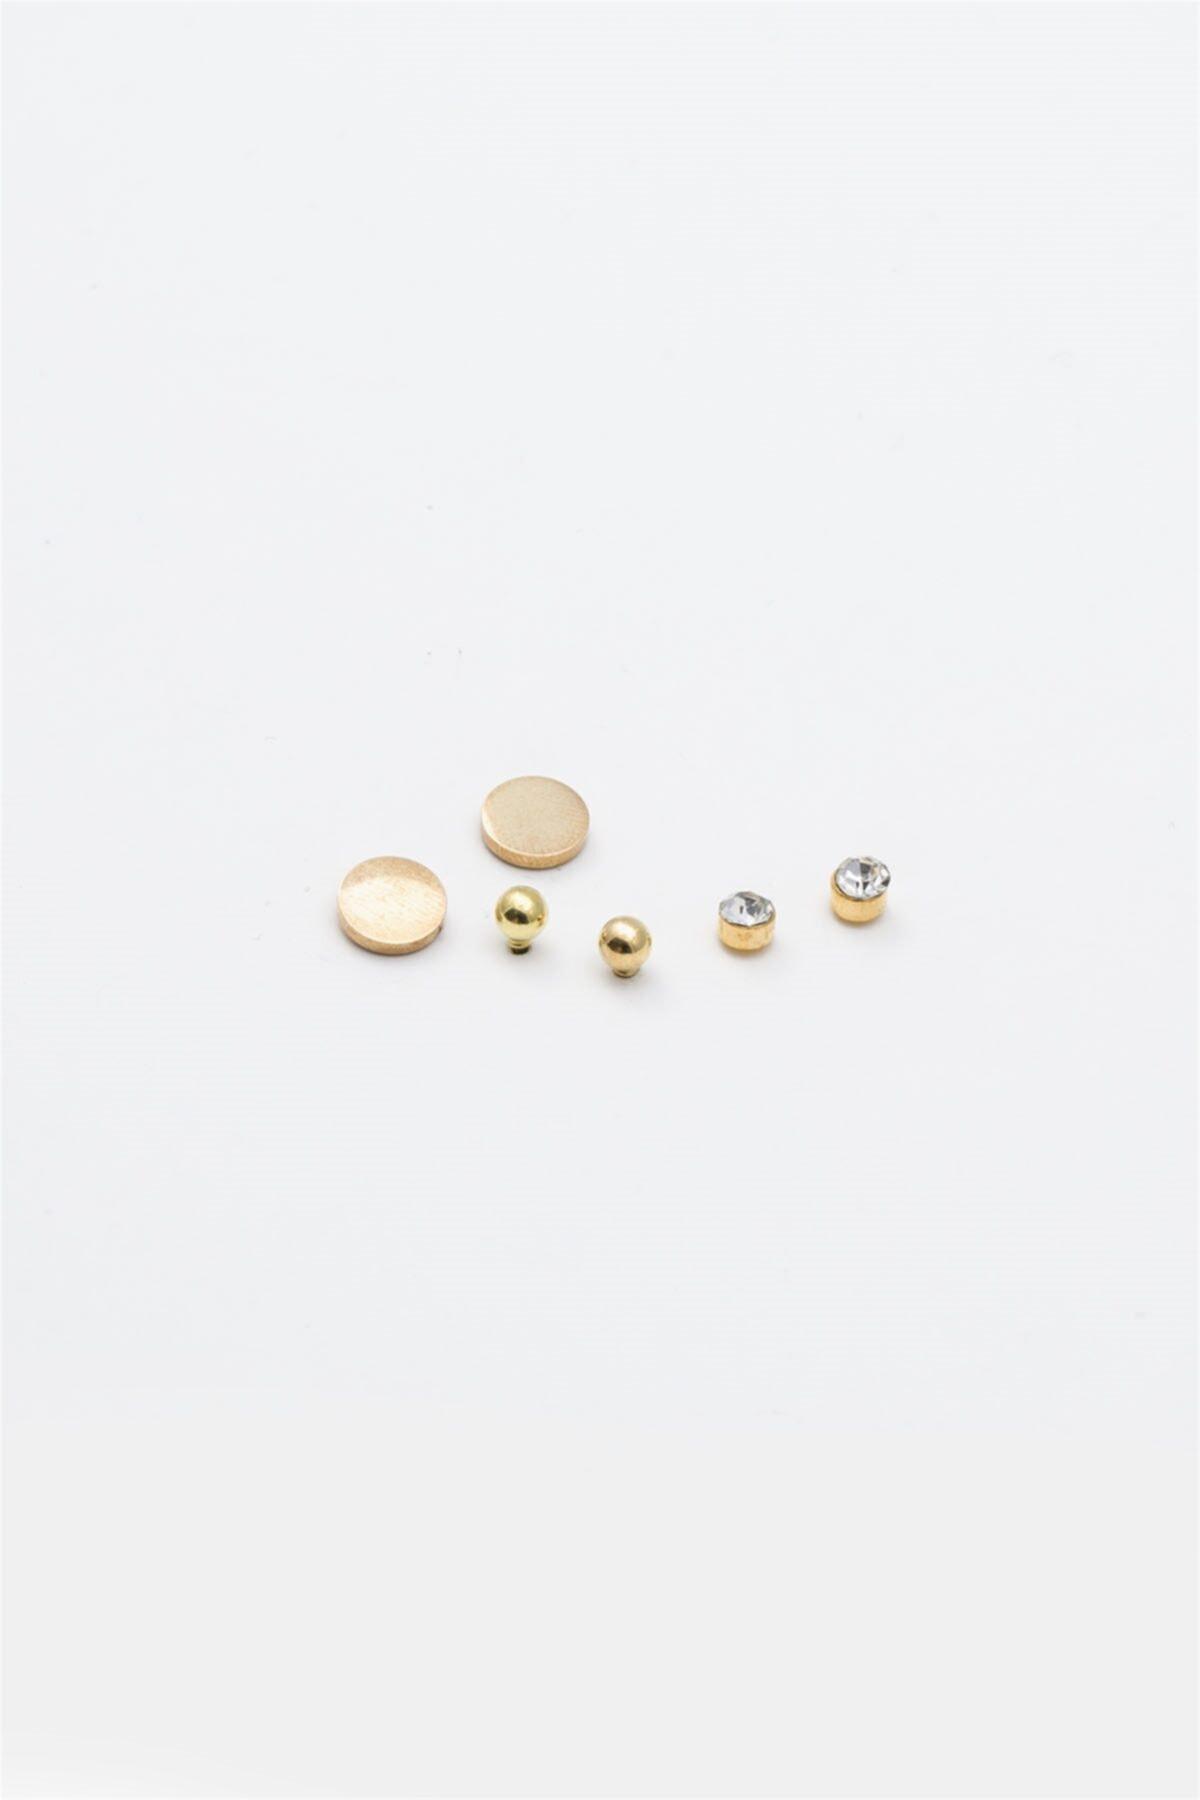 Sortie Aksesuar Yuvarlak Figürlü Zirkon Taşlı Çoklu Küpe Gold Renk 1